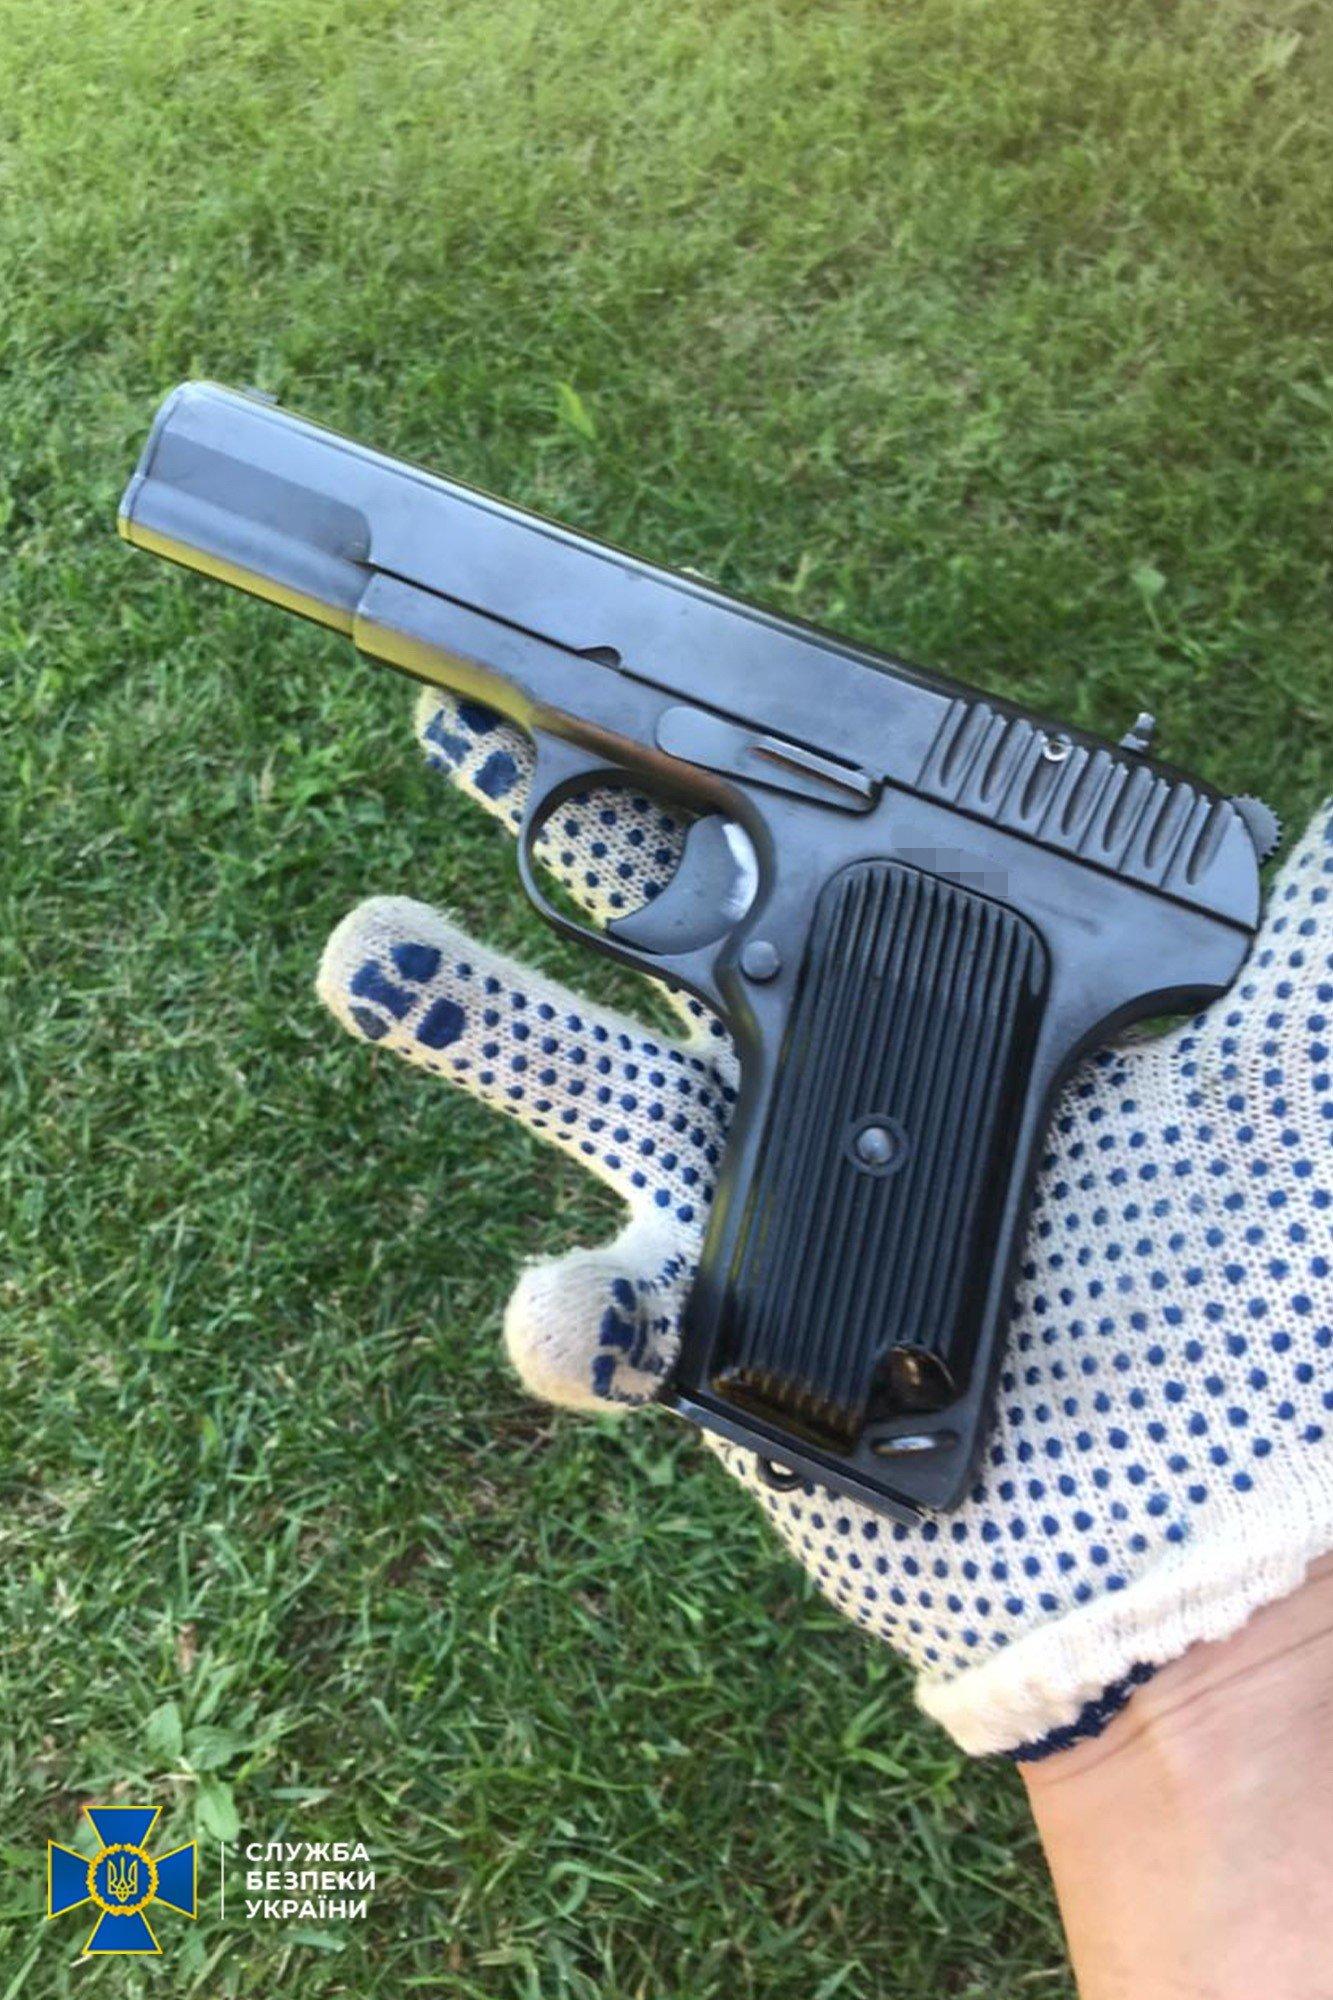 Гранаты, пистолеты, тротил: житель Луганщины скрывал тайник с боеприпасами, фото-2